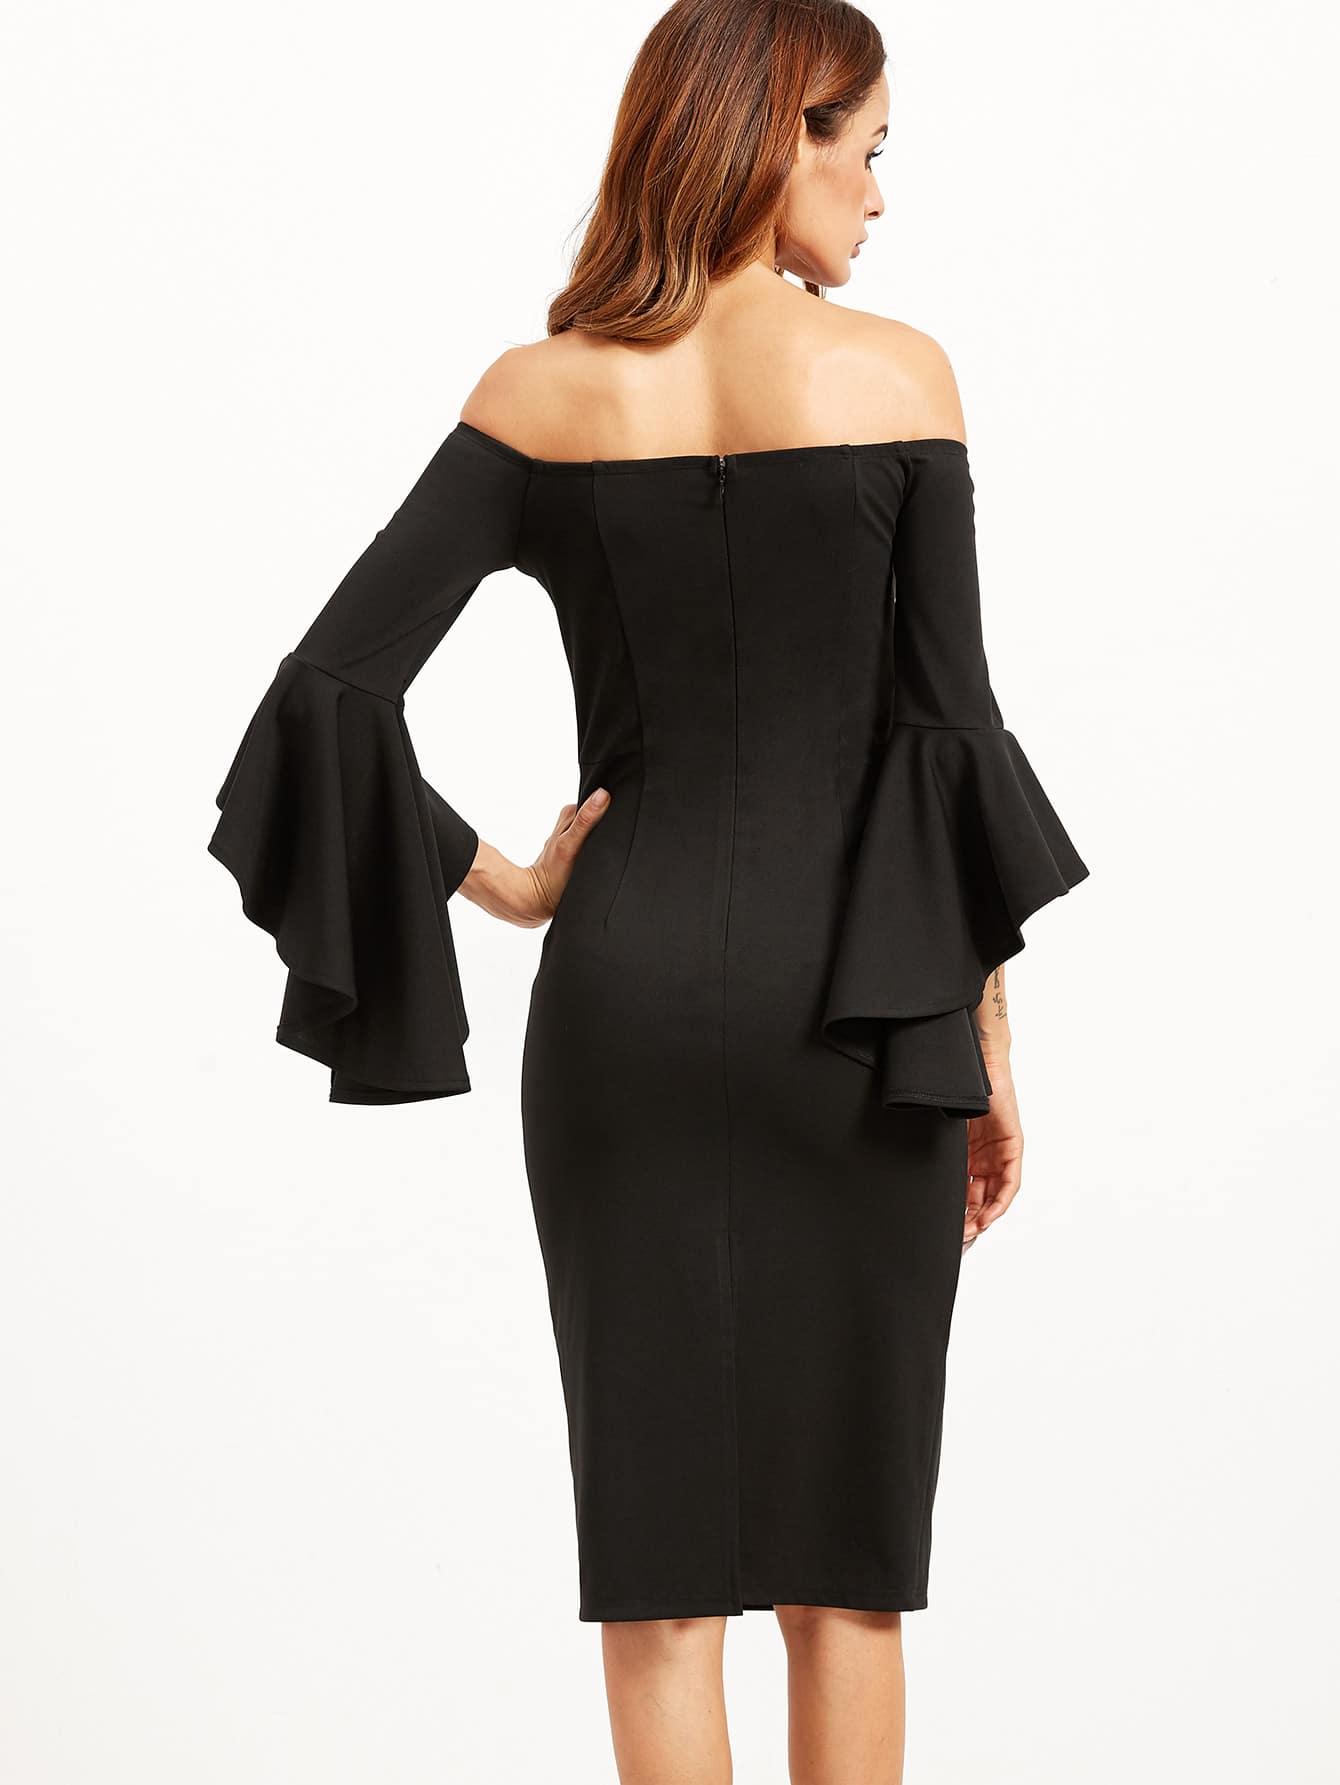 dress160830705_2